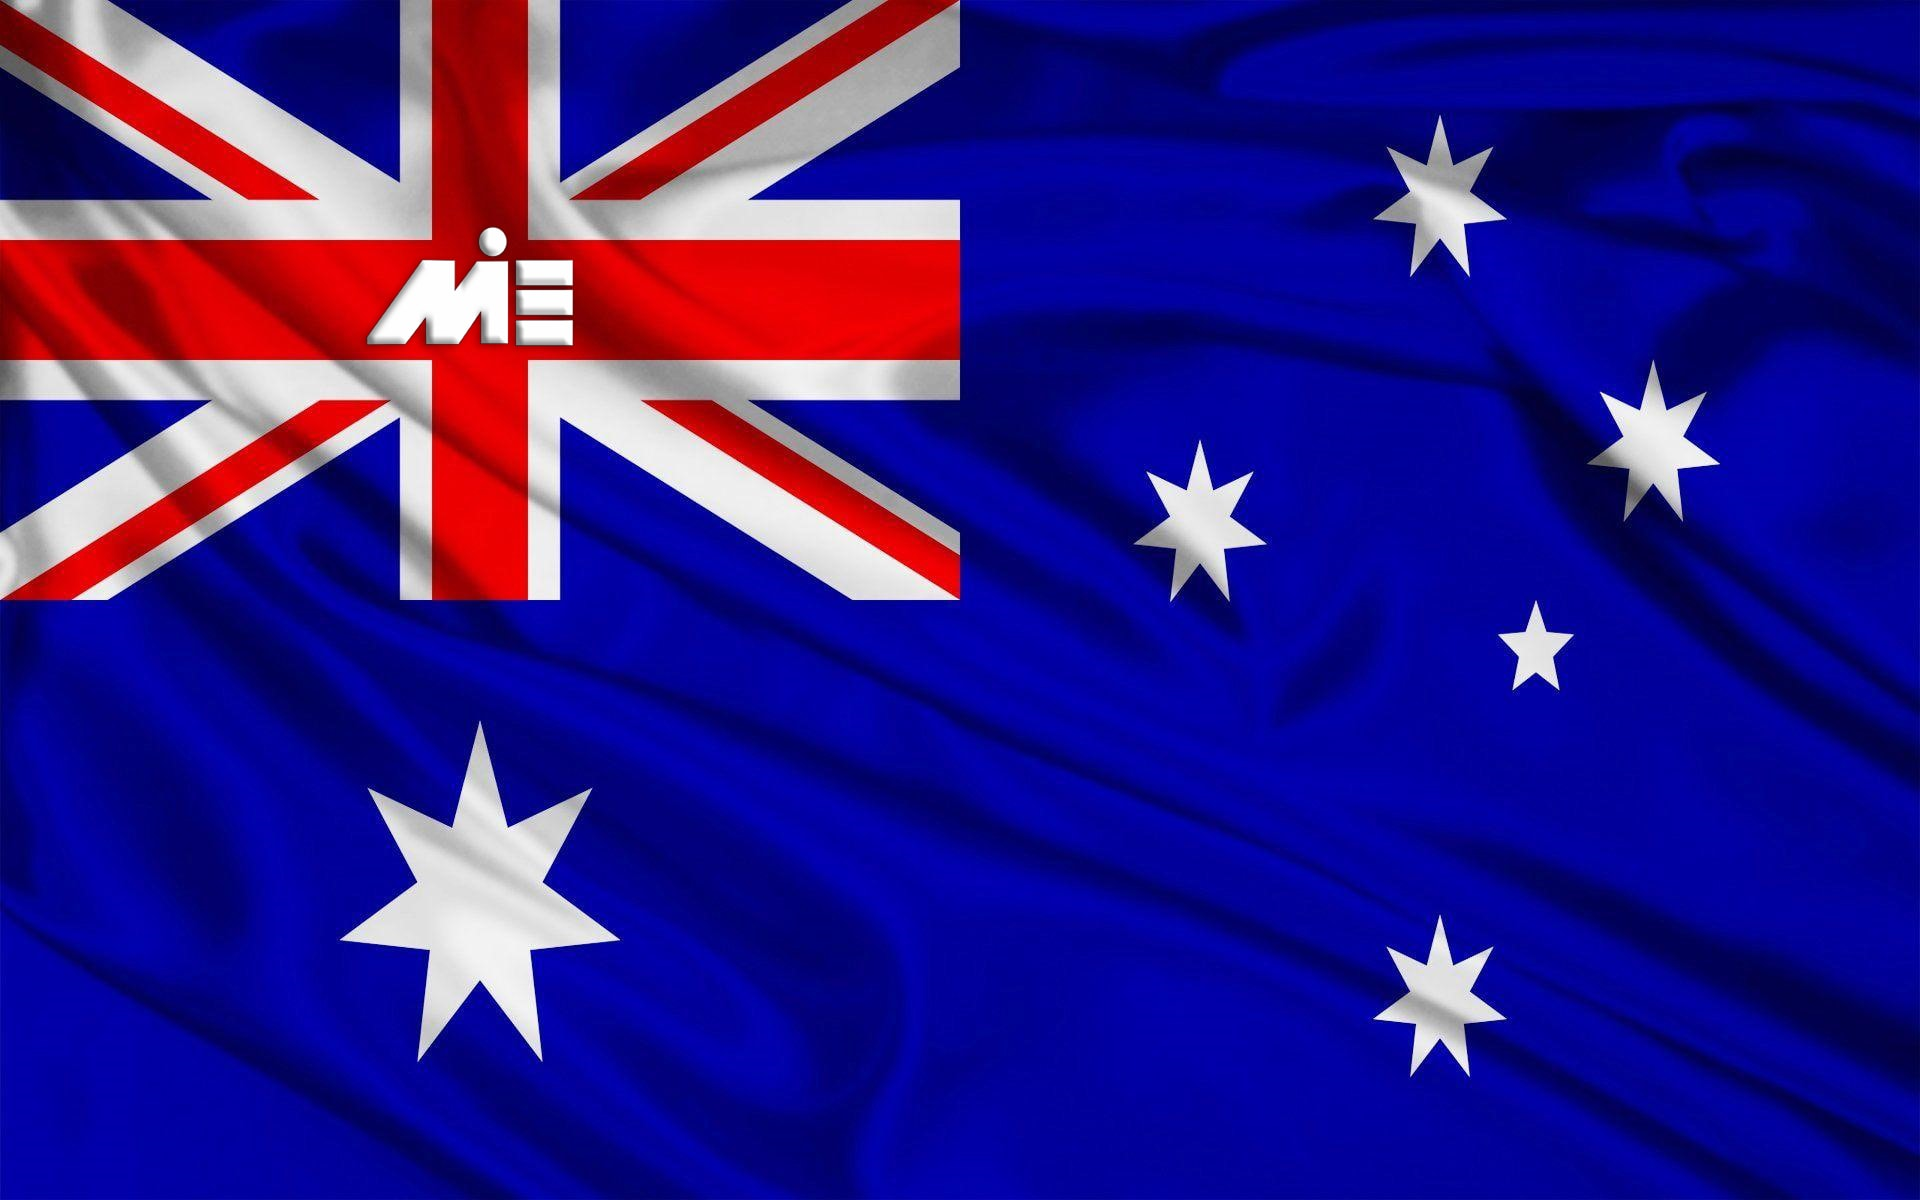 پرچم استرالیا   مهاجرت به استرالیا   اقامت استرالیا